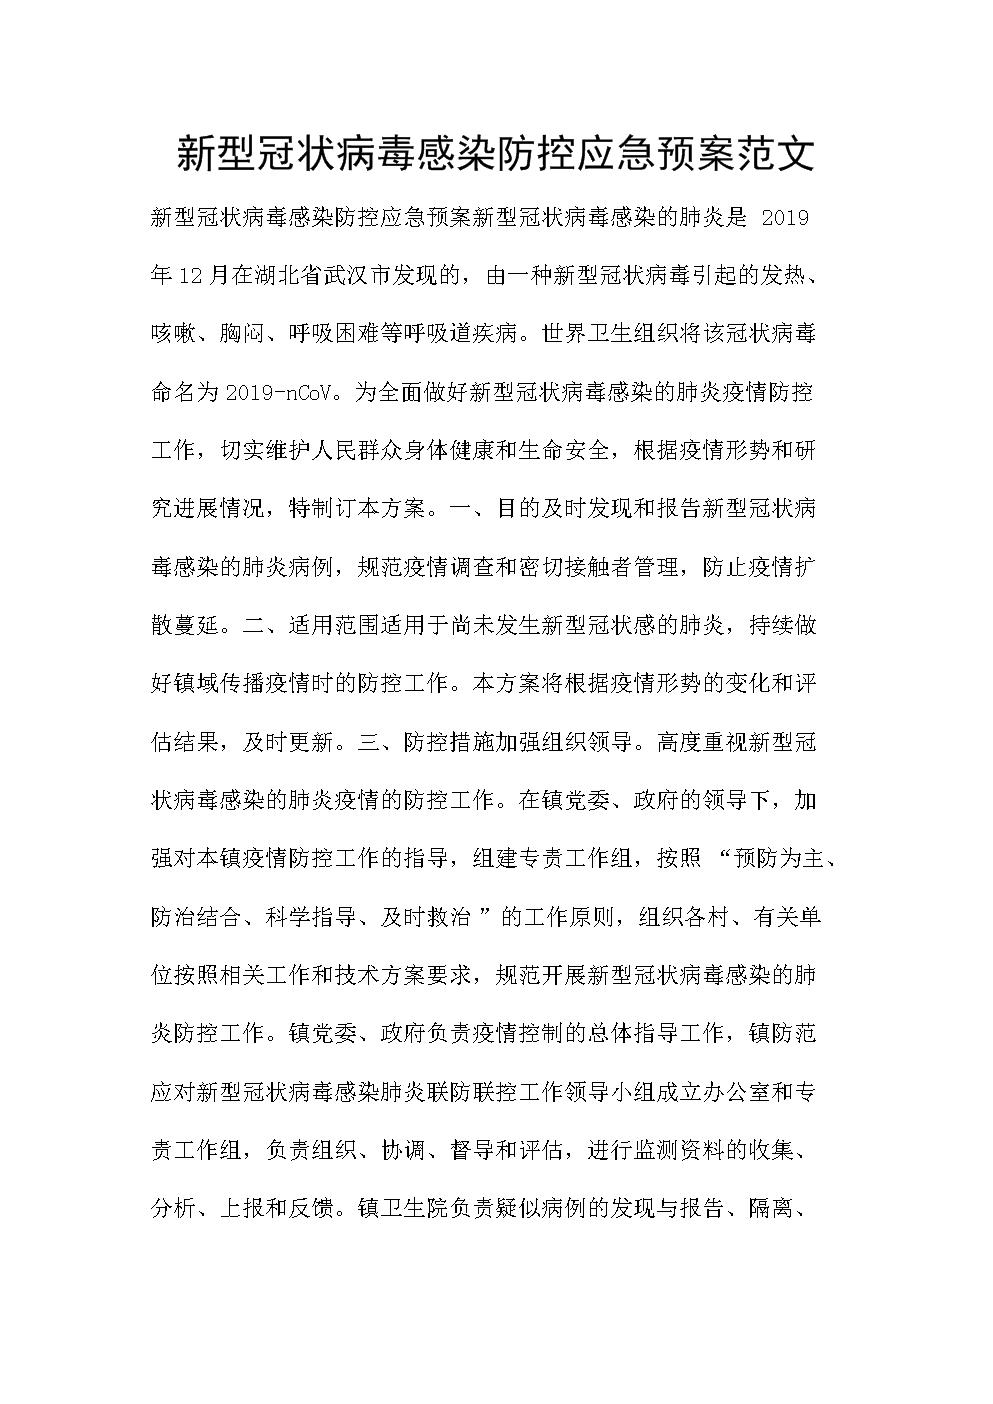 新型冠状病毒感染防控应急预案范文.doc